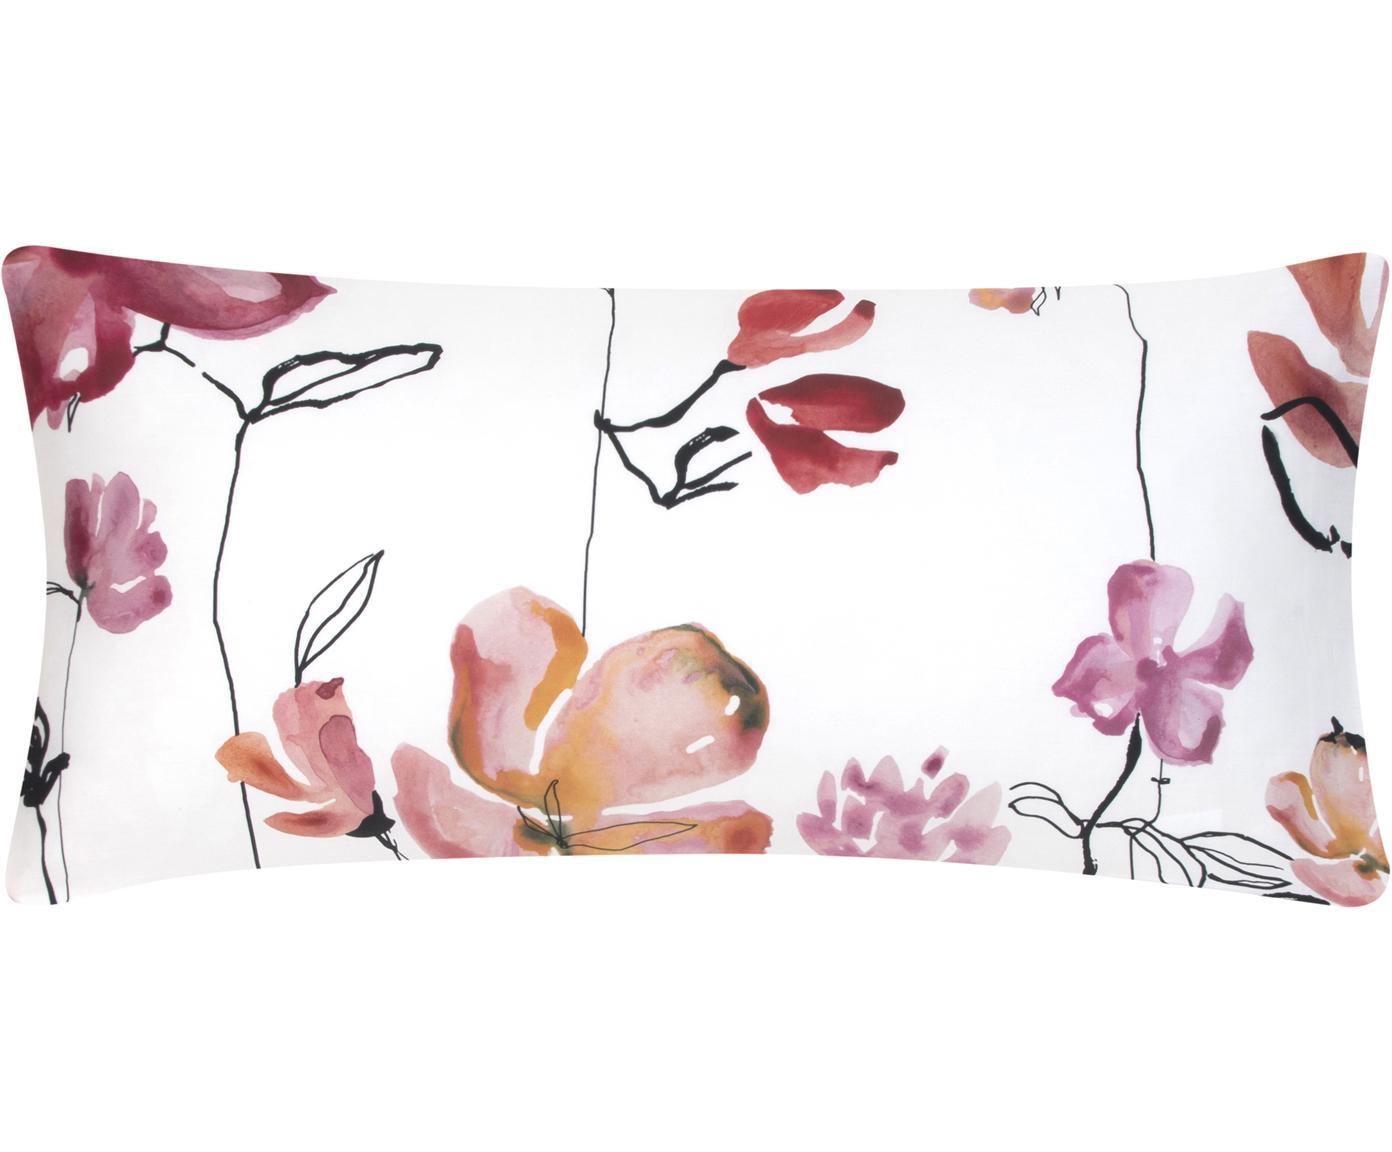 Baumwollsatin-Kissenbezüge Fiori mit Blumen-Muster, 2 Stück, Webart: Satin Fadendichte 200 TC,, Weiß, Rosa, Schwarz, 40 x 80 cm